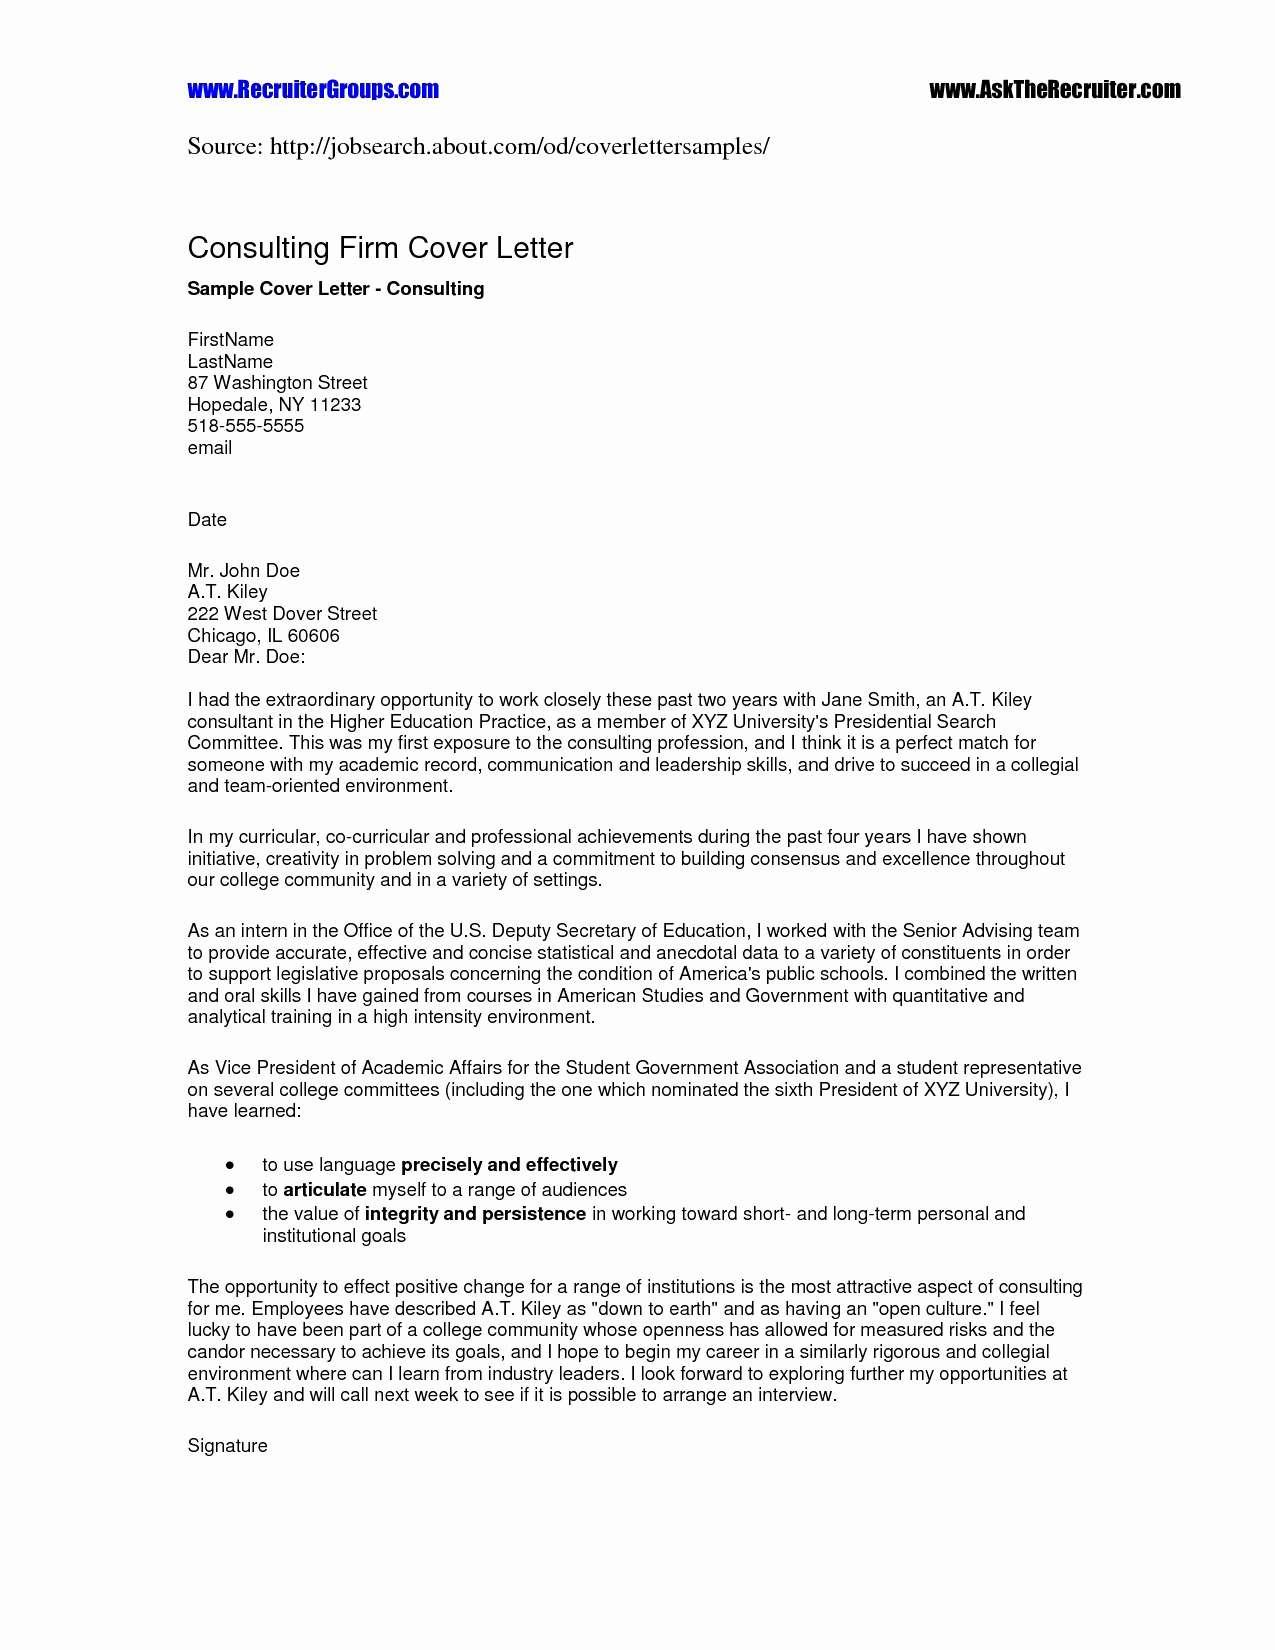 Cover Letter Template 2017 - Resume Template 2017 Free Elegant Cover Letter Vs Resume Sample